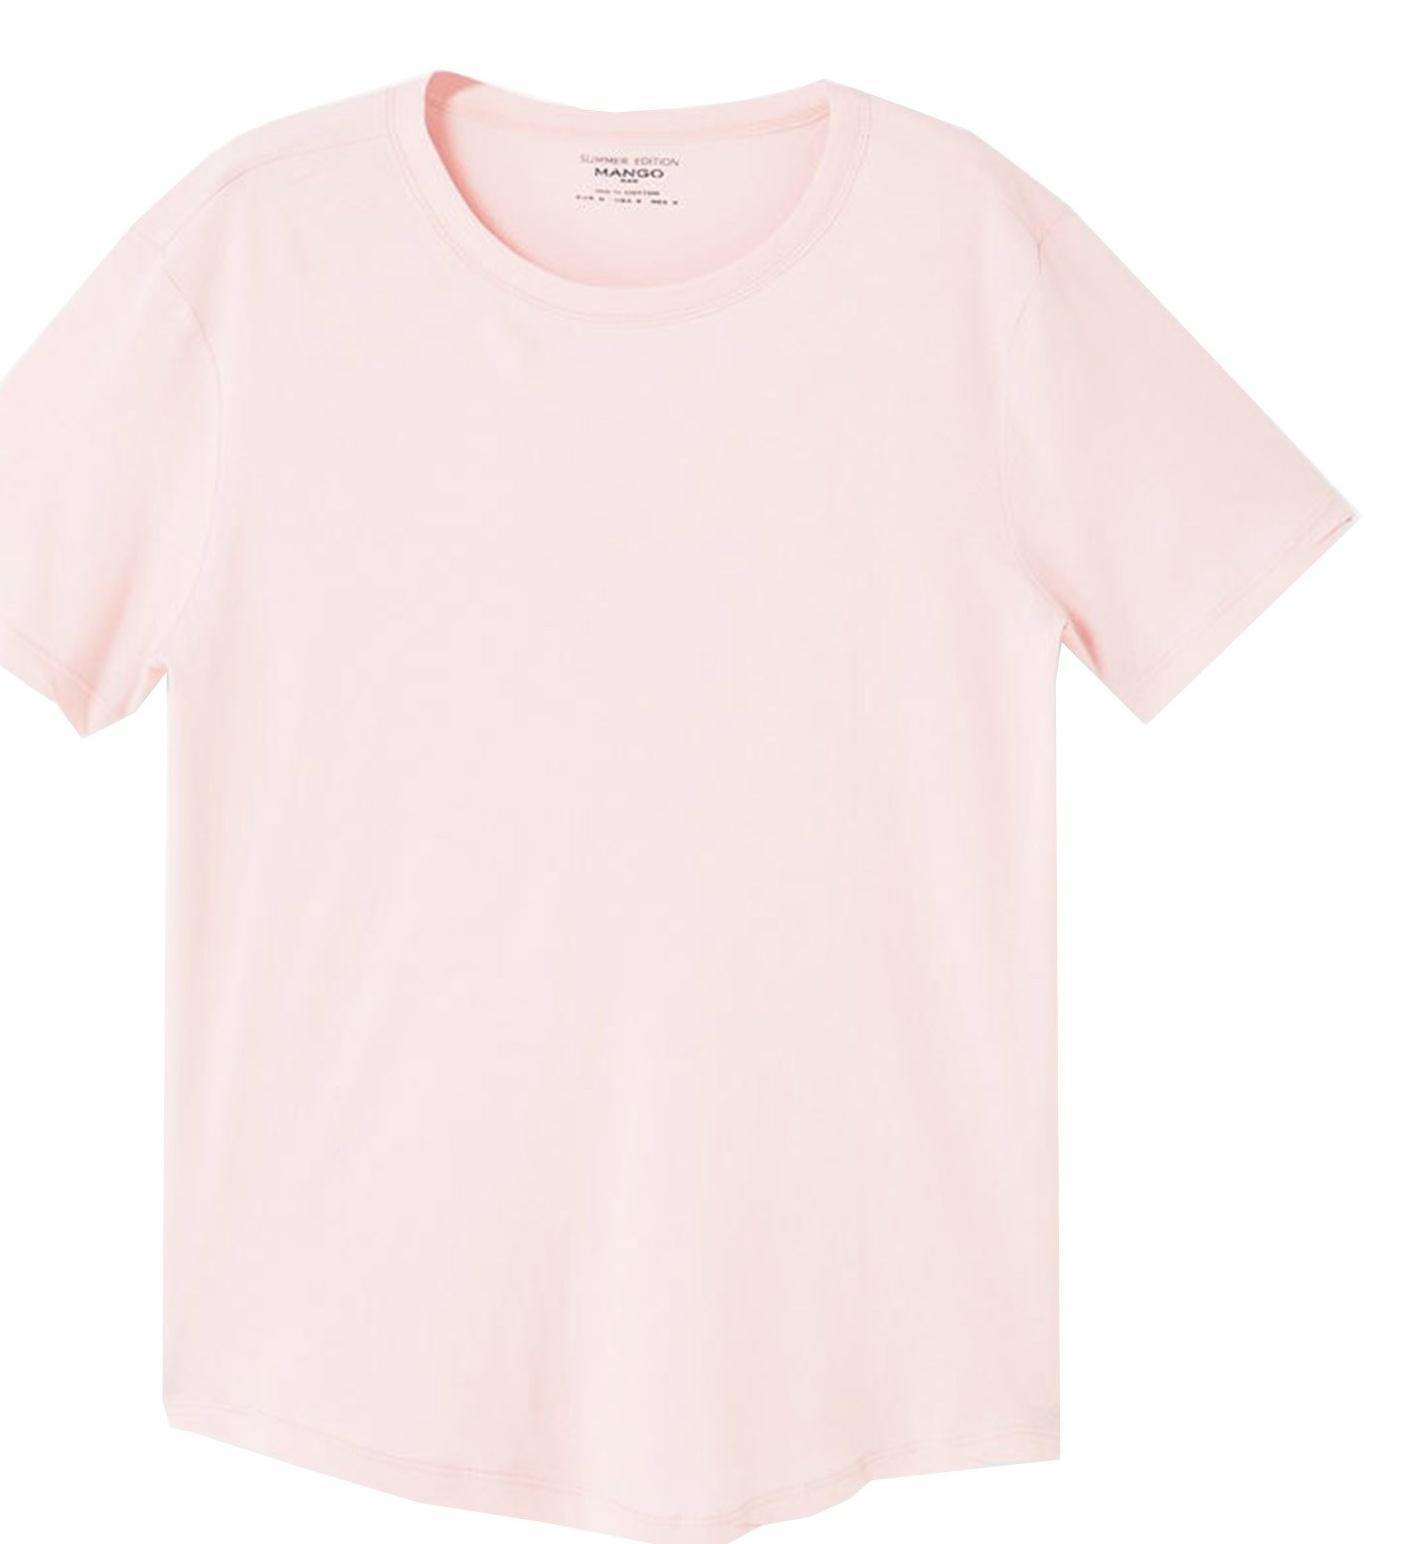 تی شرت نخی یقه گرد مردانه - مانگو - صورتي - 1